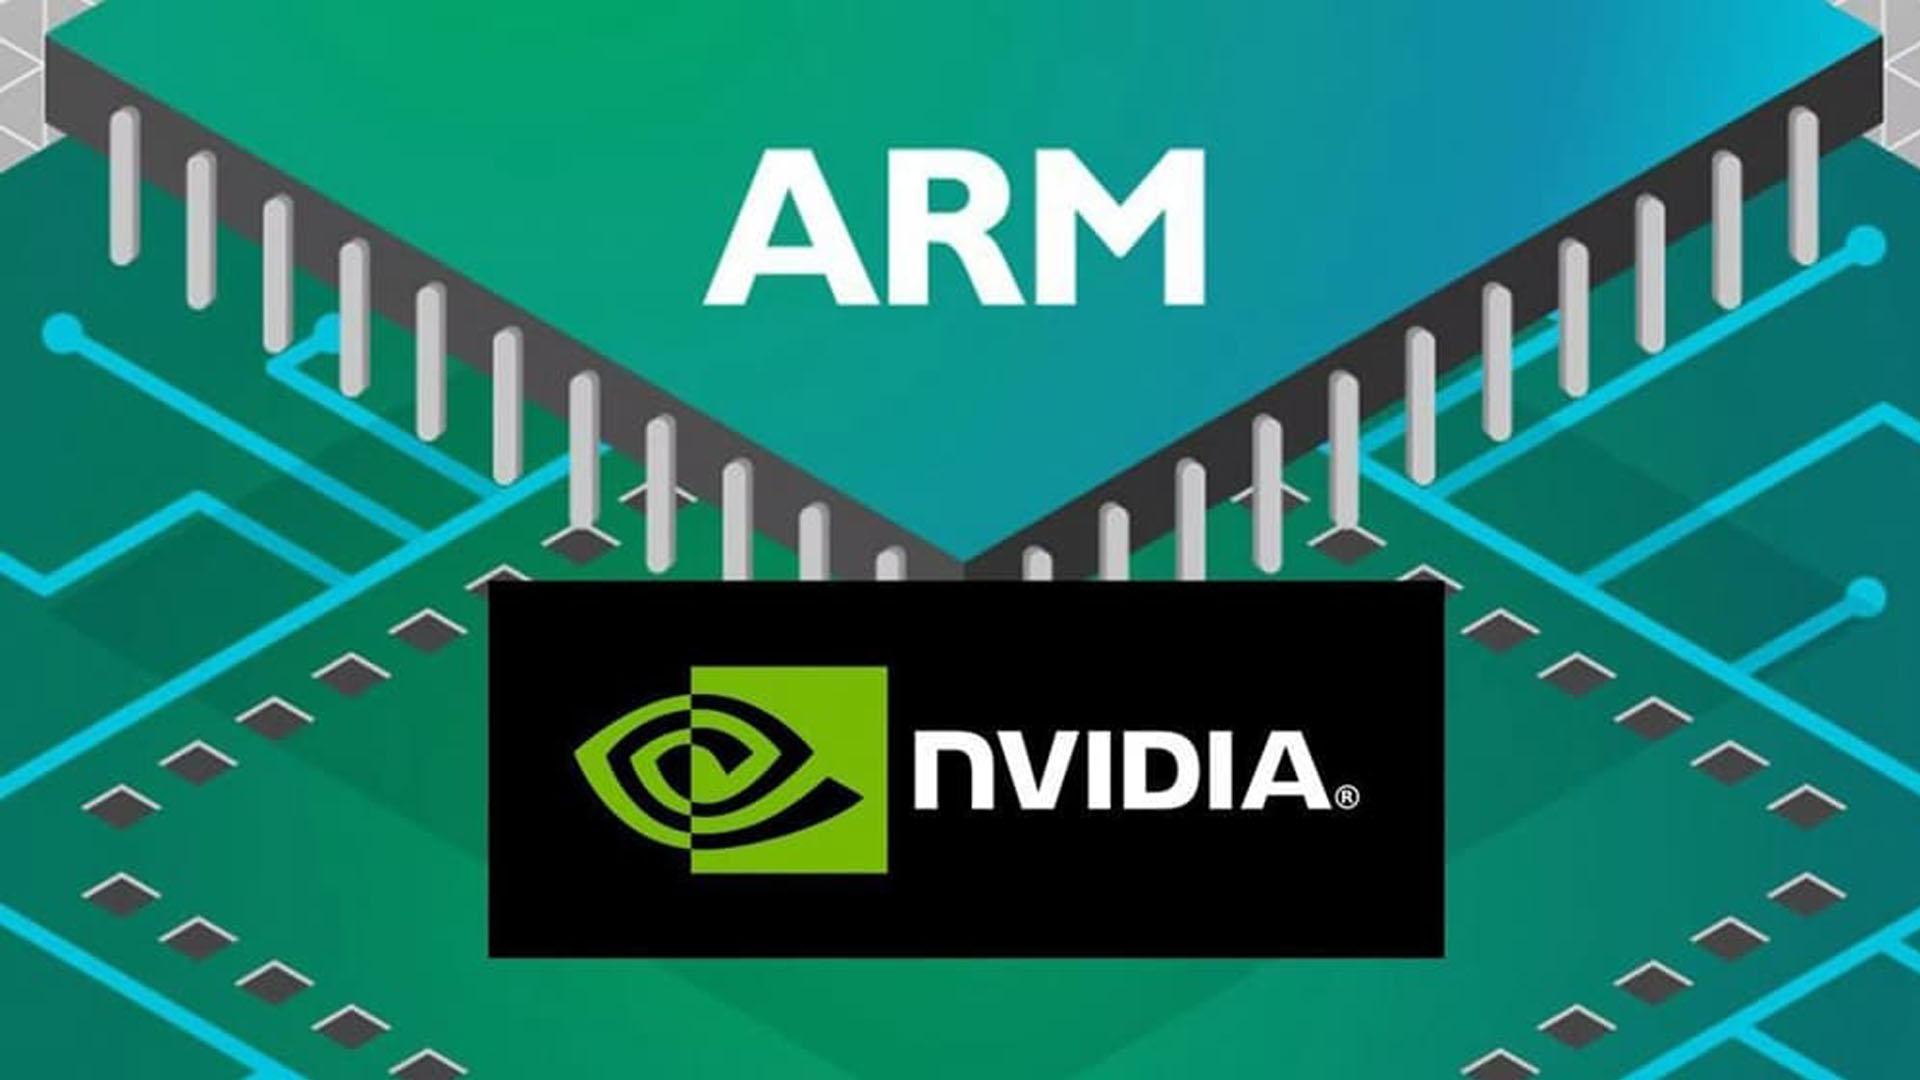 NVIDIA Acquire Arm 6